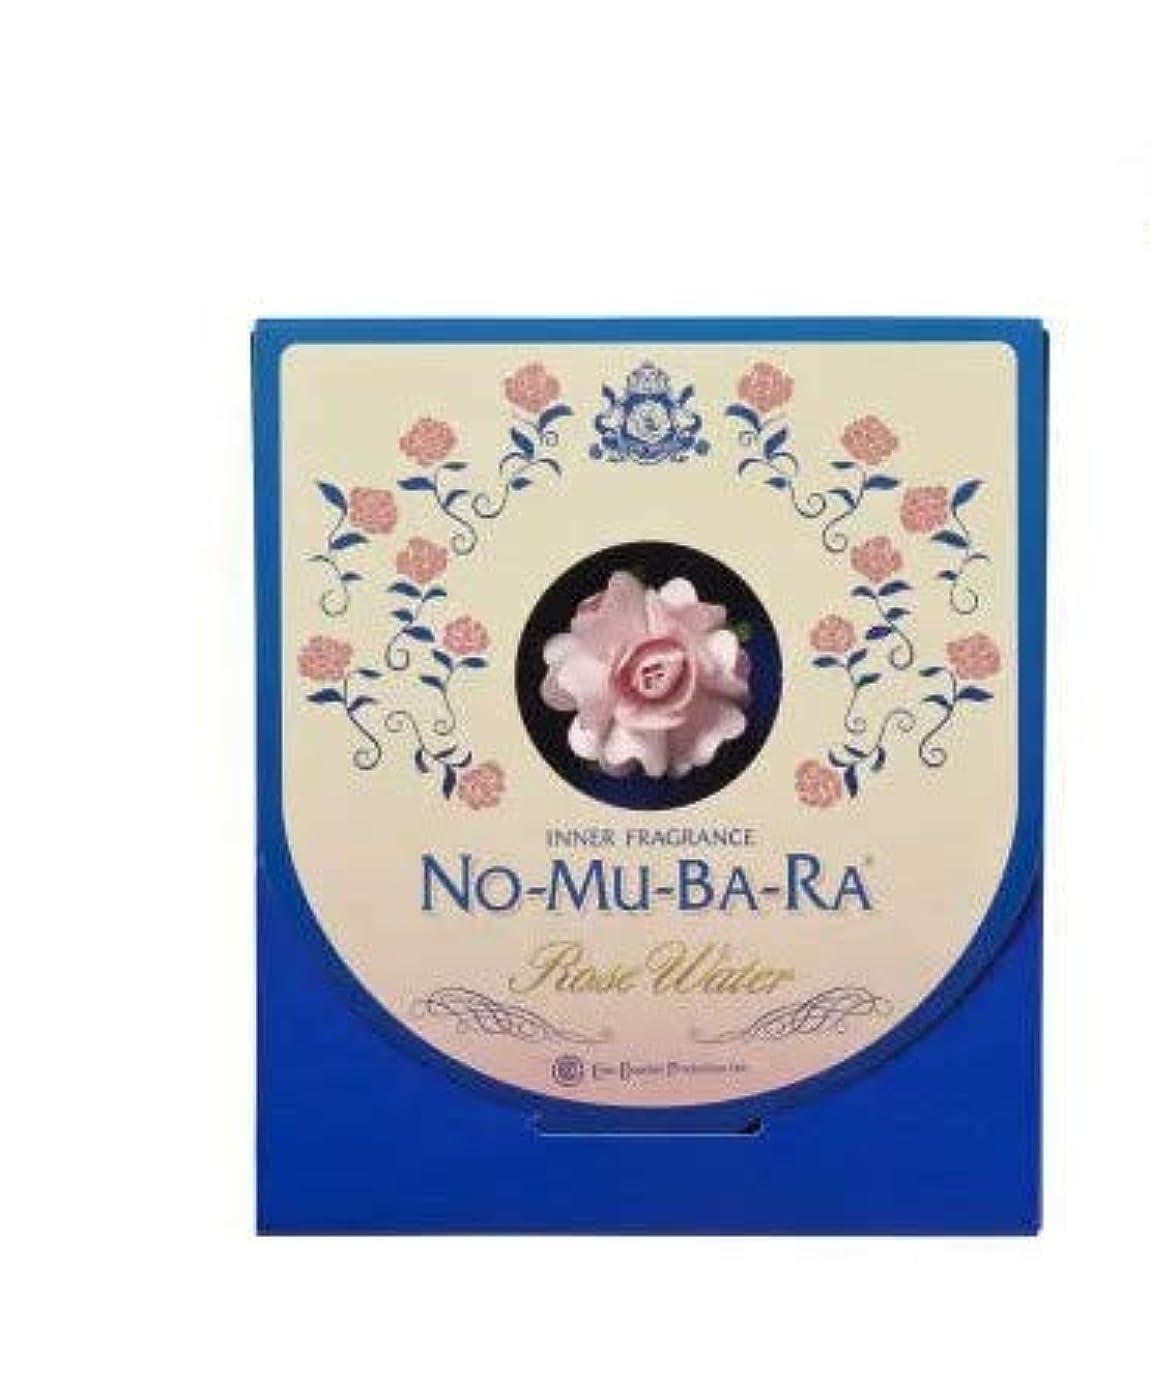 量で間違い分布【日本製】飲む ローズウォーター NO-MU-BA-RA ノムバラ 6包入 お試し 国産 父の日 母の日 飲むバラ水 ドリンク nomubara バラサプリ のむばら 口臭 体臭 汗対策